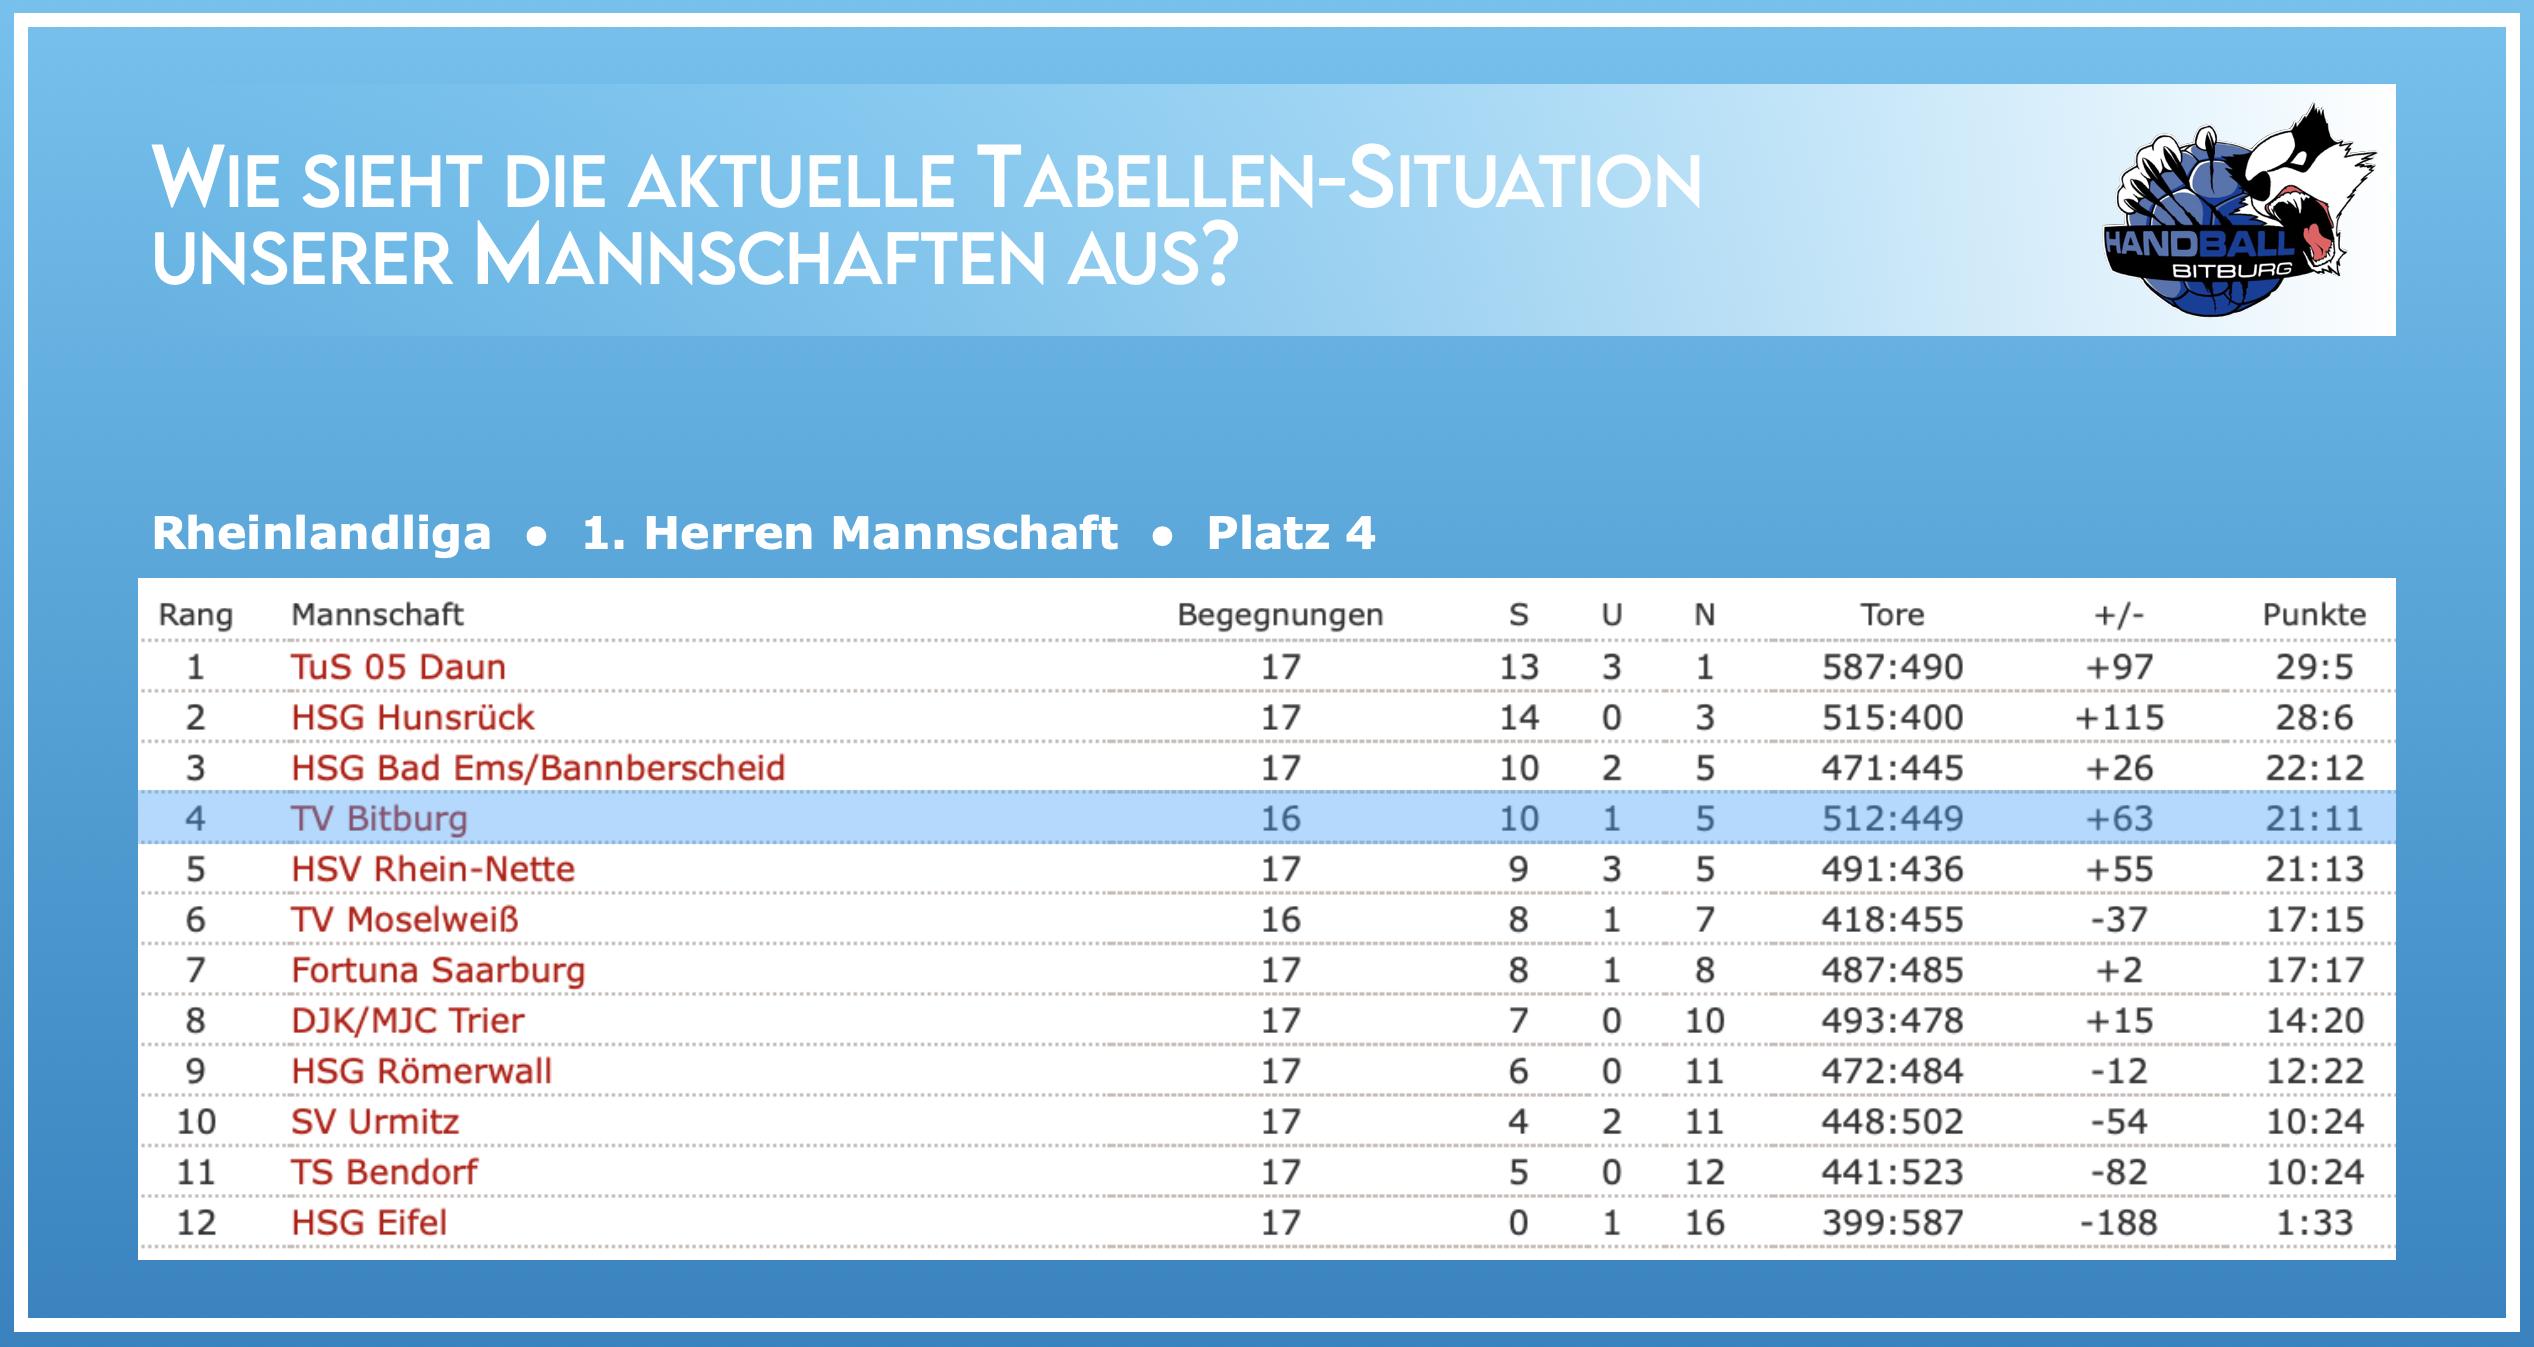 Aktuelle Tabellen-Situation der 1. Herren Mannschaft